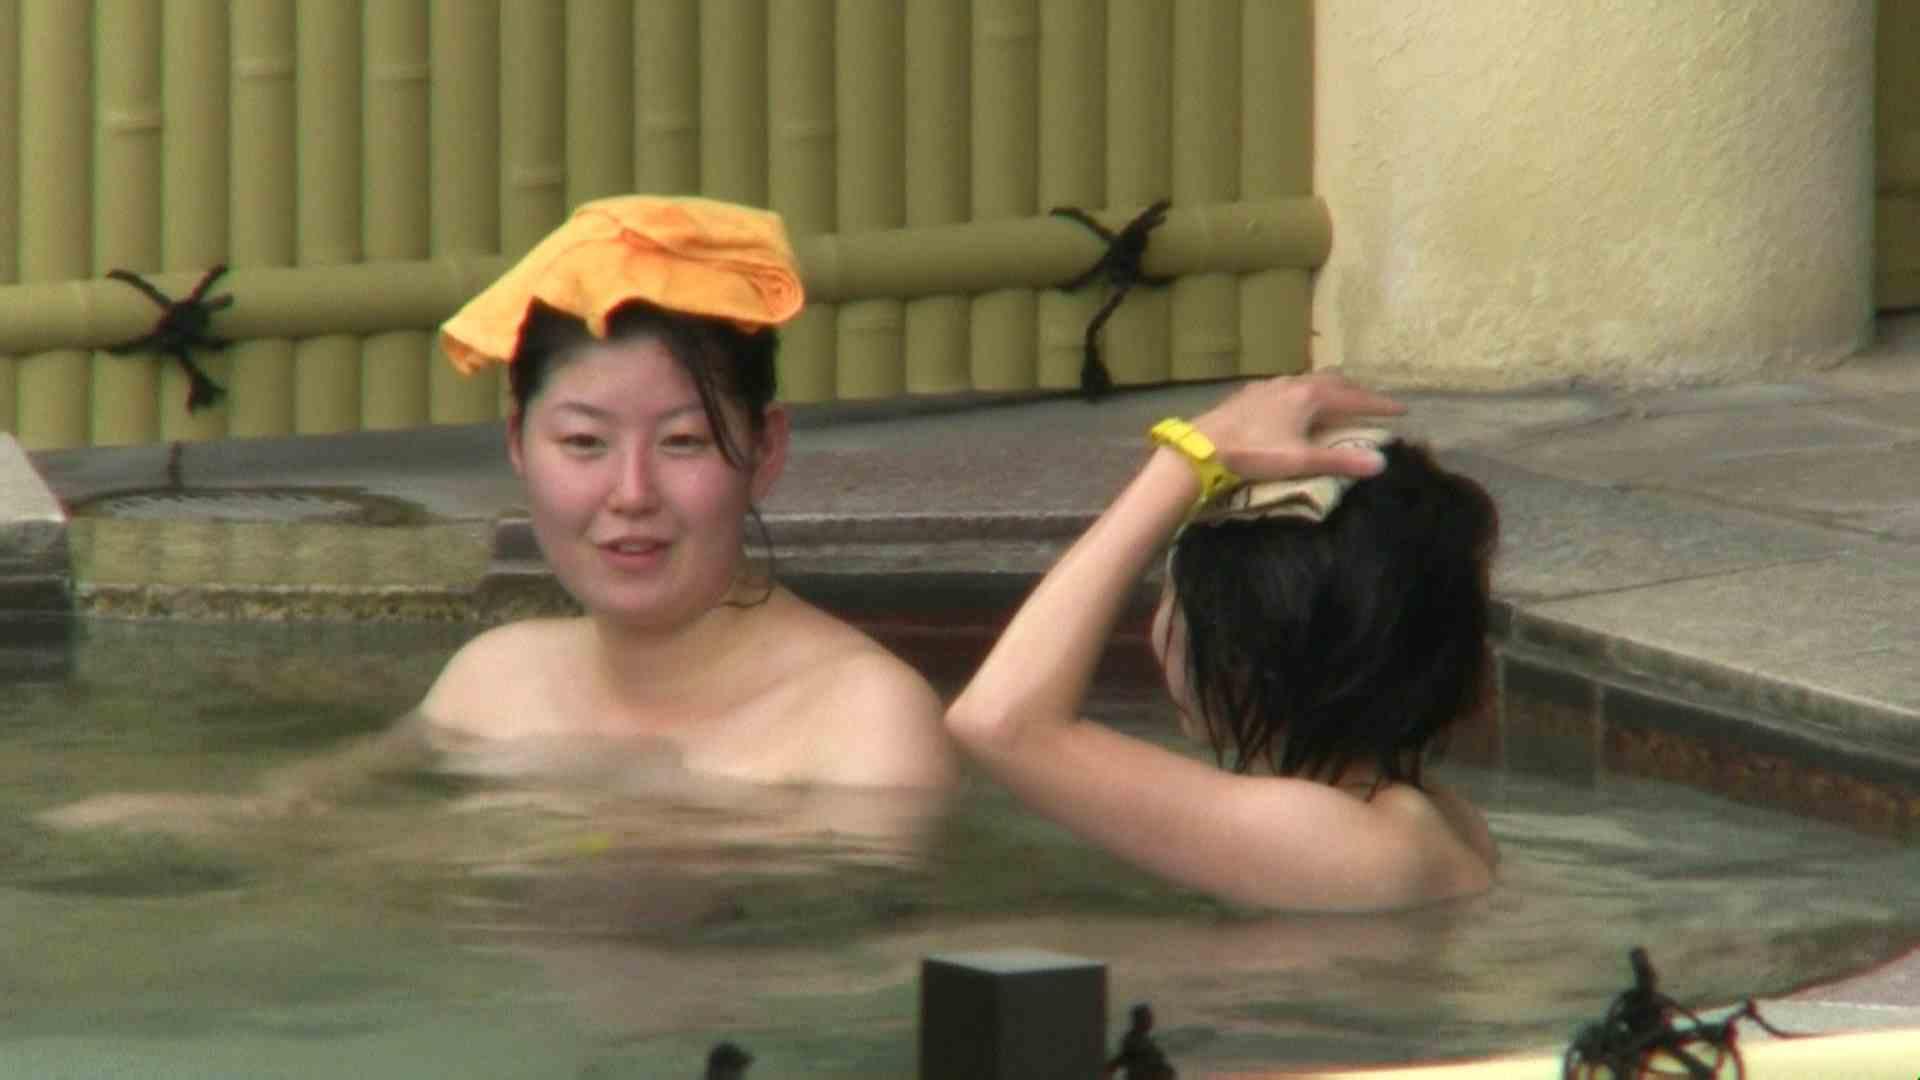 Aquaな露天風呂Vol.68【VIP限定】 0  68pic 16